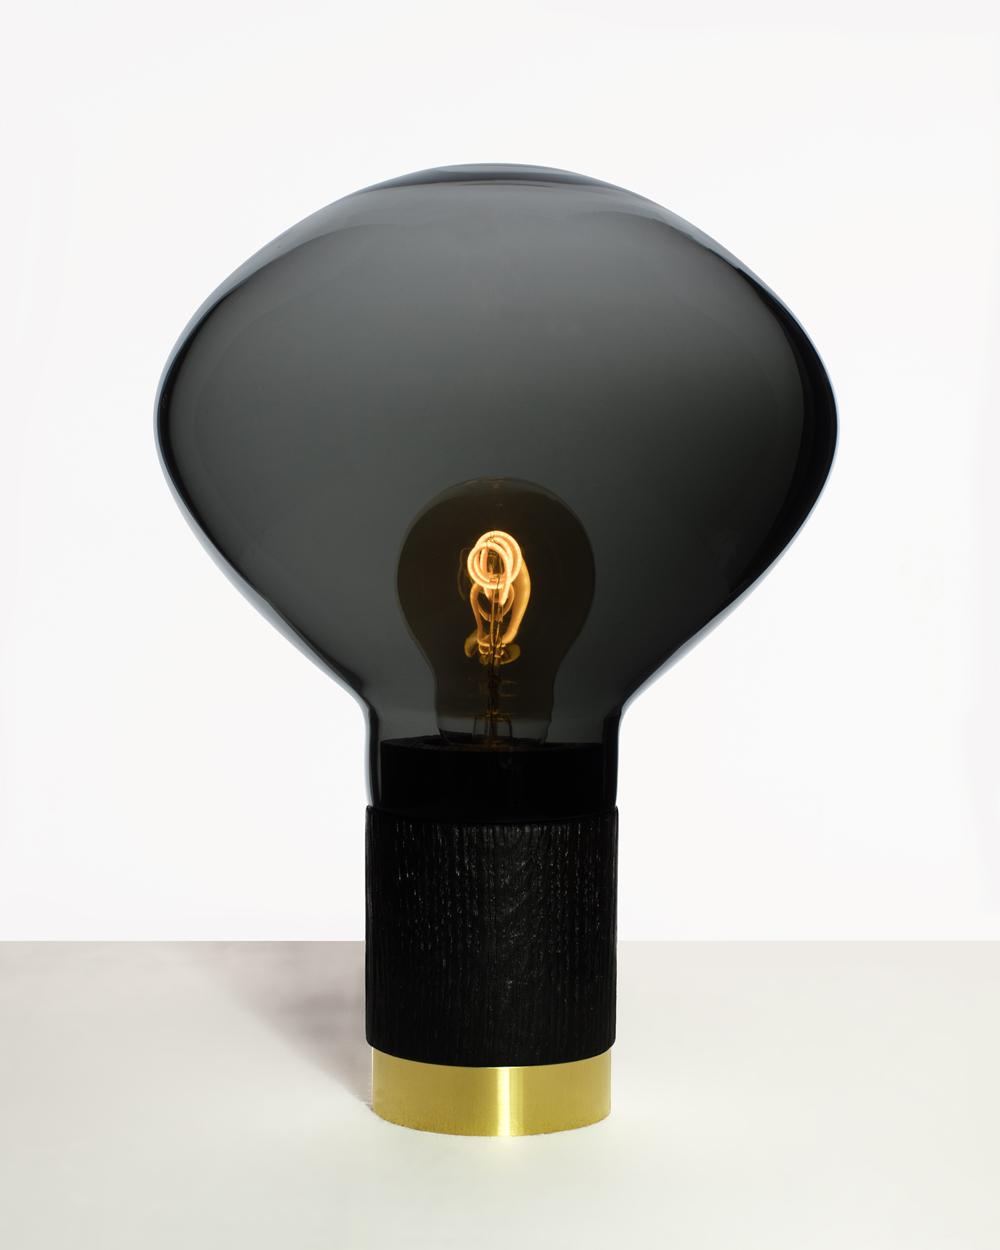 Lampe-NOIR_web.jpg